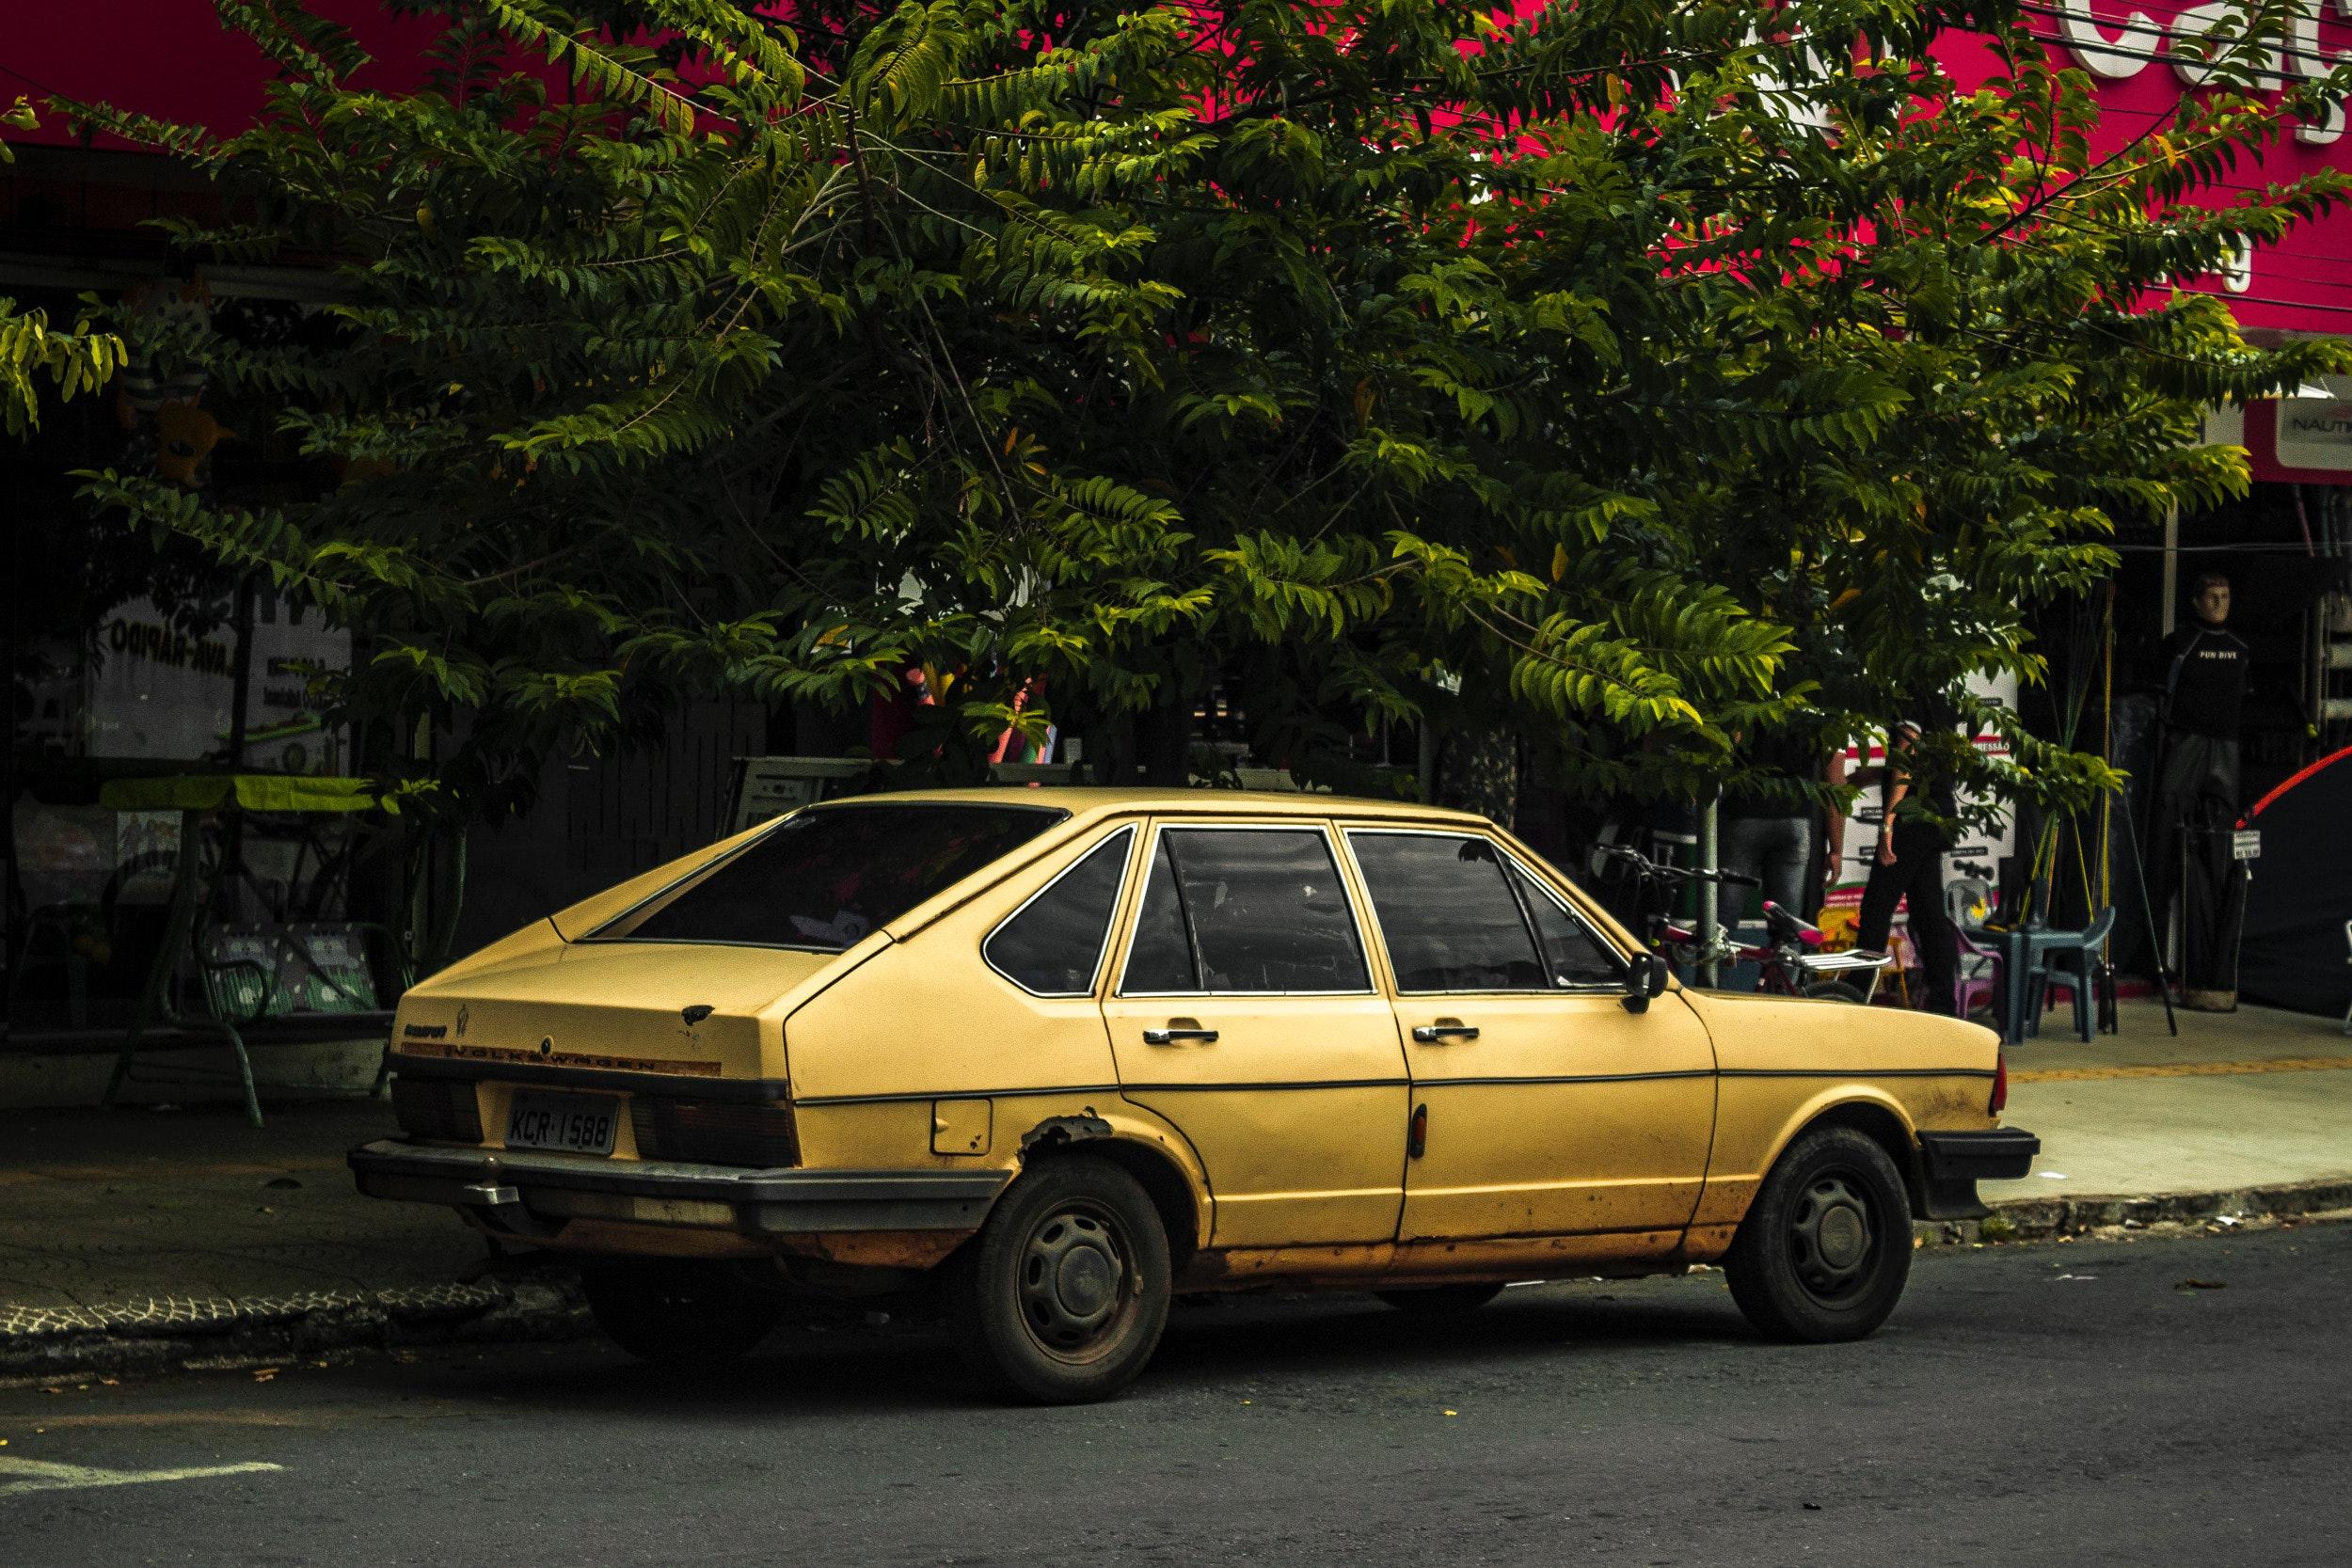 jak łatwo pozbyć się starego samochodu